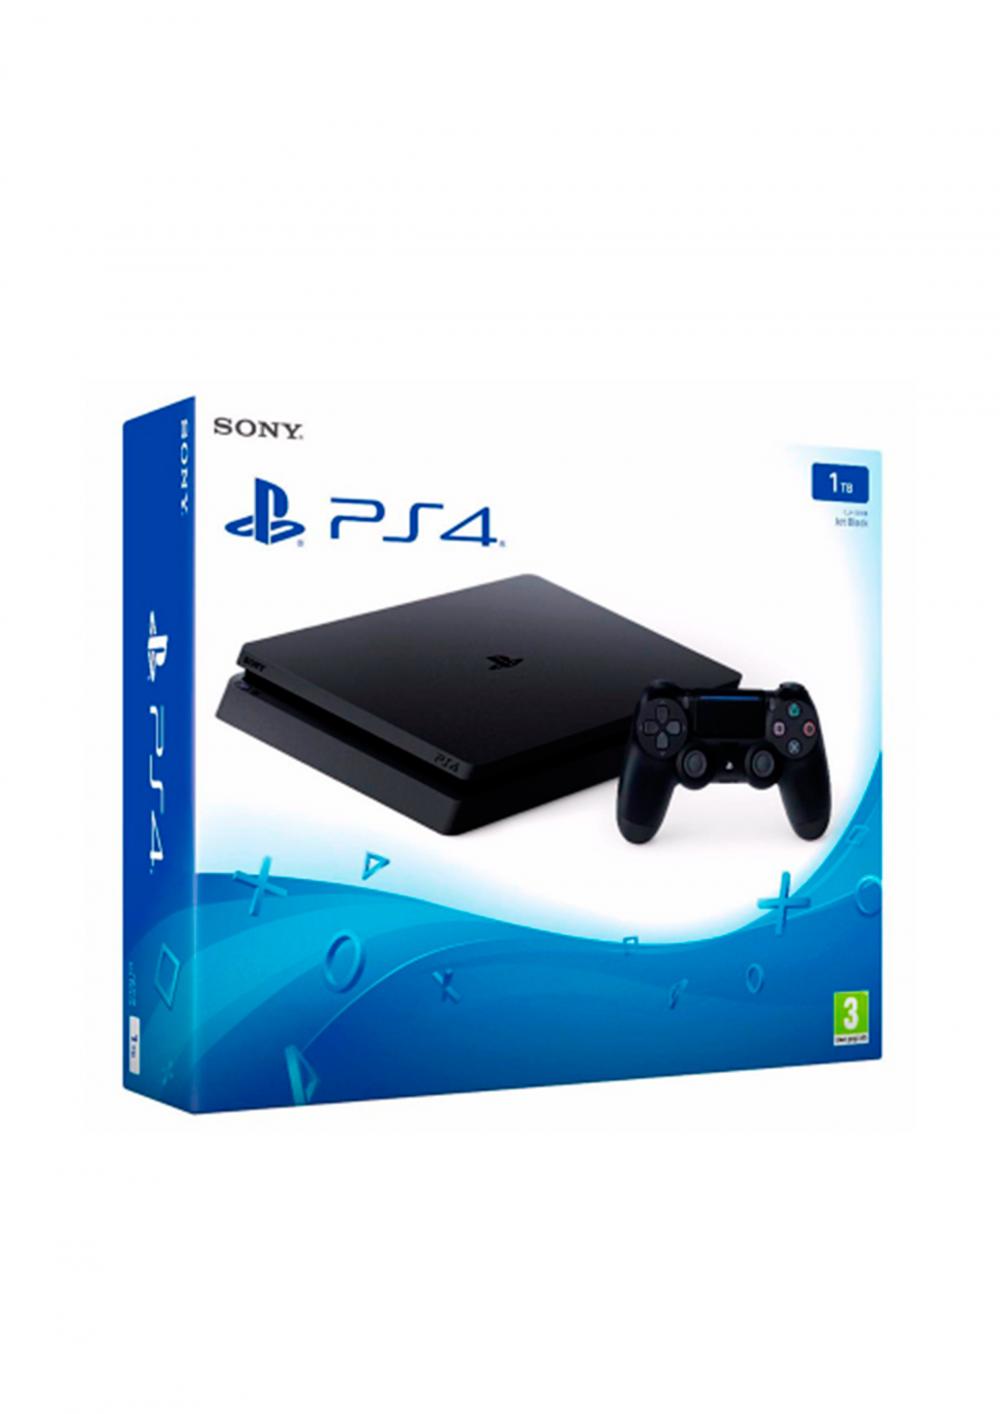 console ps4 01 tb cuh 2115b black